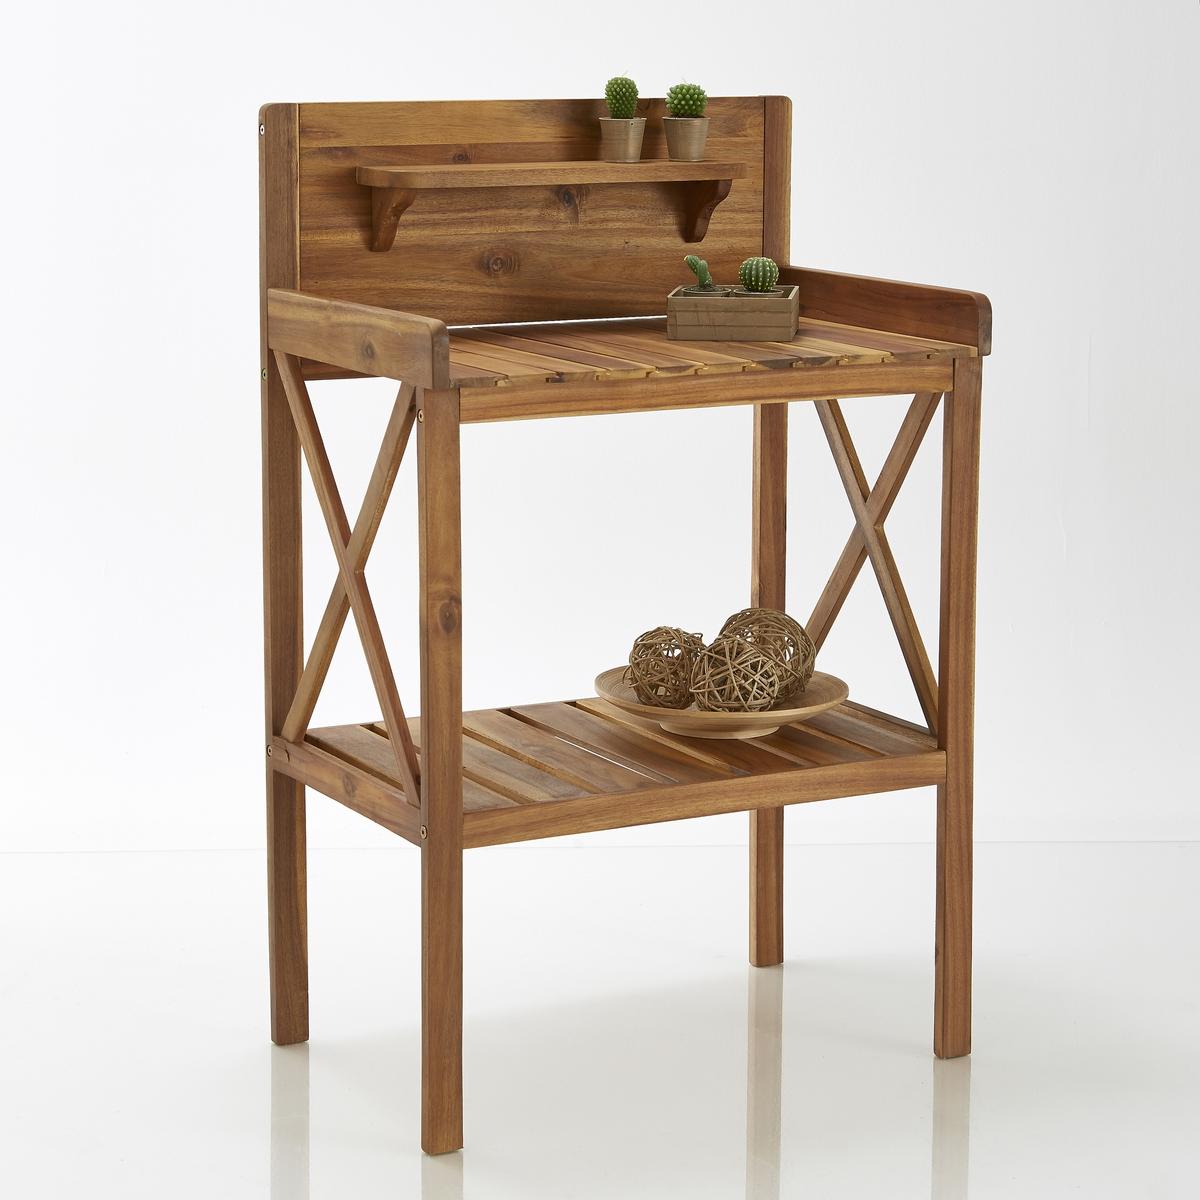 Стол садовый из акации с масляным покрытиемЭтот садовый стол из акации с масляным покрытием позволит удобно разместить на хранение все необходимые вещи для Вашего сада или балкона. Описание садового стола из акации:2 столешницы/этажерки.1 столешница для крепления к стене + 1 небольшая этажерка.Характеристики садового стола из акации:выполнен из акации с масляным покрытием. Размеры садового стола из акации:Длина: 70 см.Высота: 110 см. Глубина: 45 см.Размеры и вес коробки:1 коробкаД. 116 x В. 17,5 x Ш. 52,5 см 14 кгДоставка:Данная модель стола требует самостоятельной сборки. Доставка осуществляется до квартиры!Внимание! Убедитесь в том, что посылку возможно доставить на дом, учитывая ее габариты.<br><br>Цвет: акация<br>Размер: единый размер